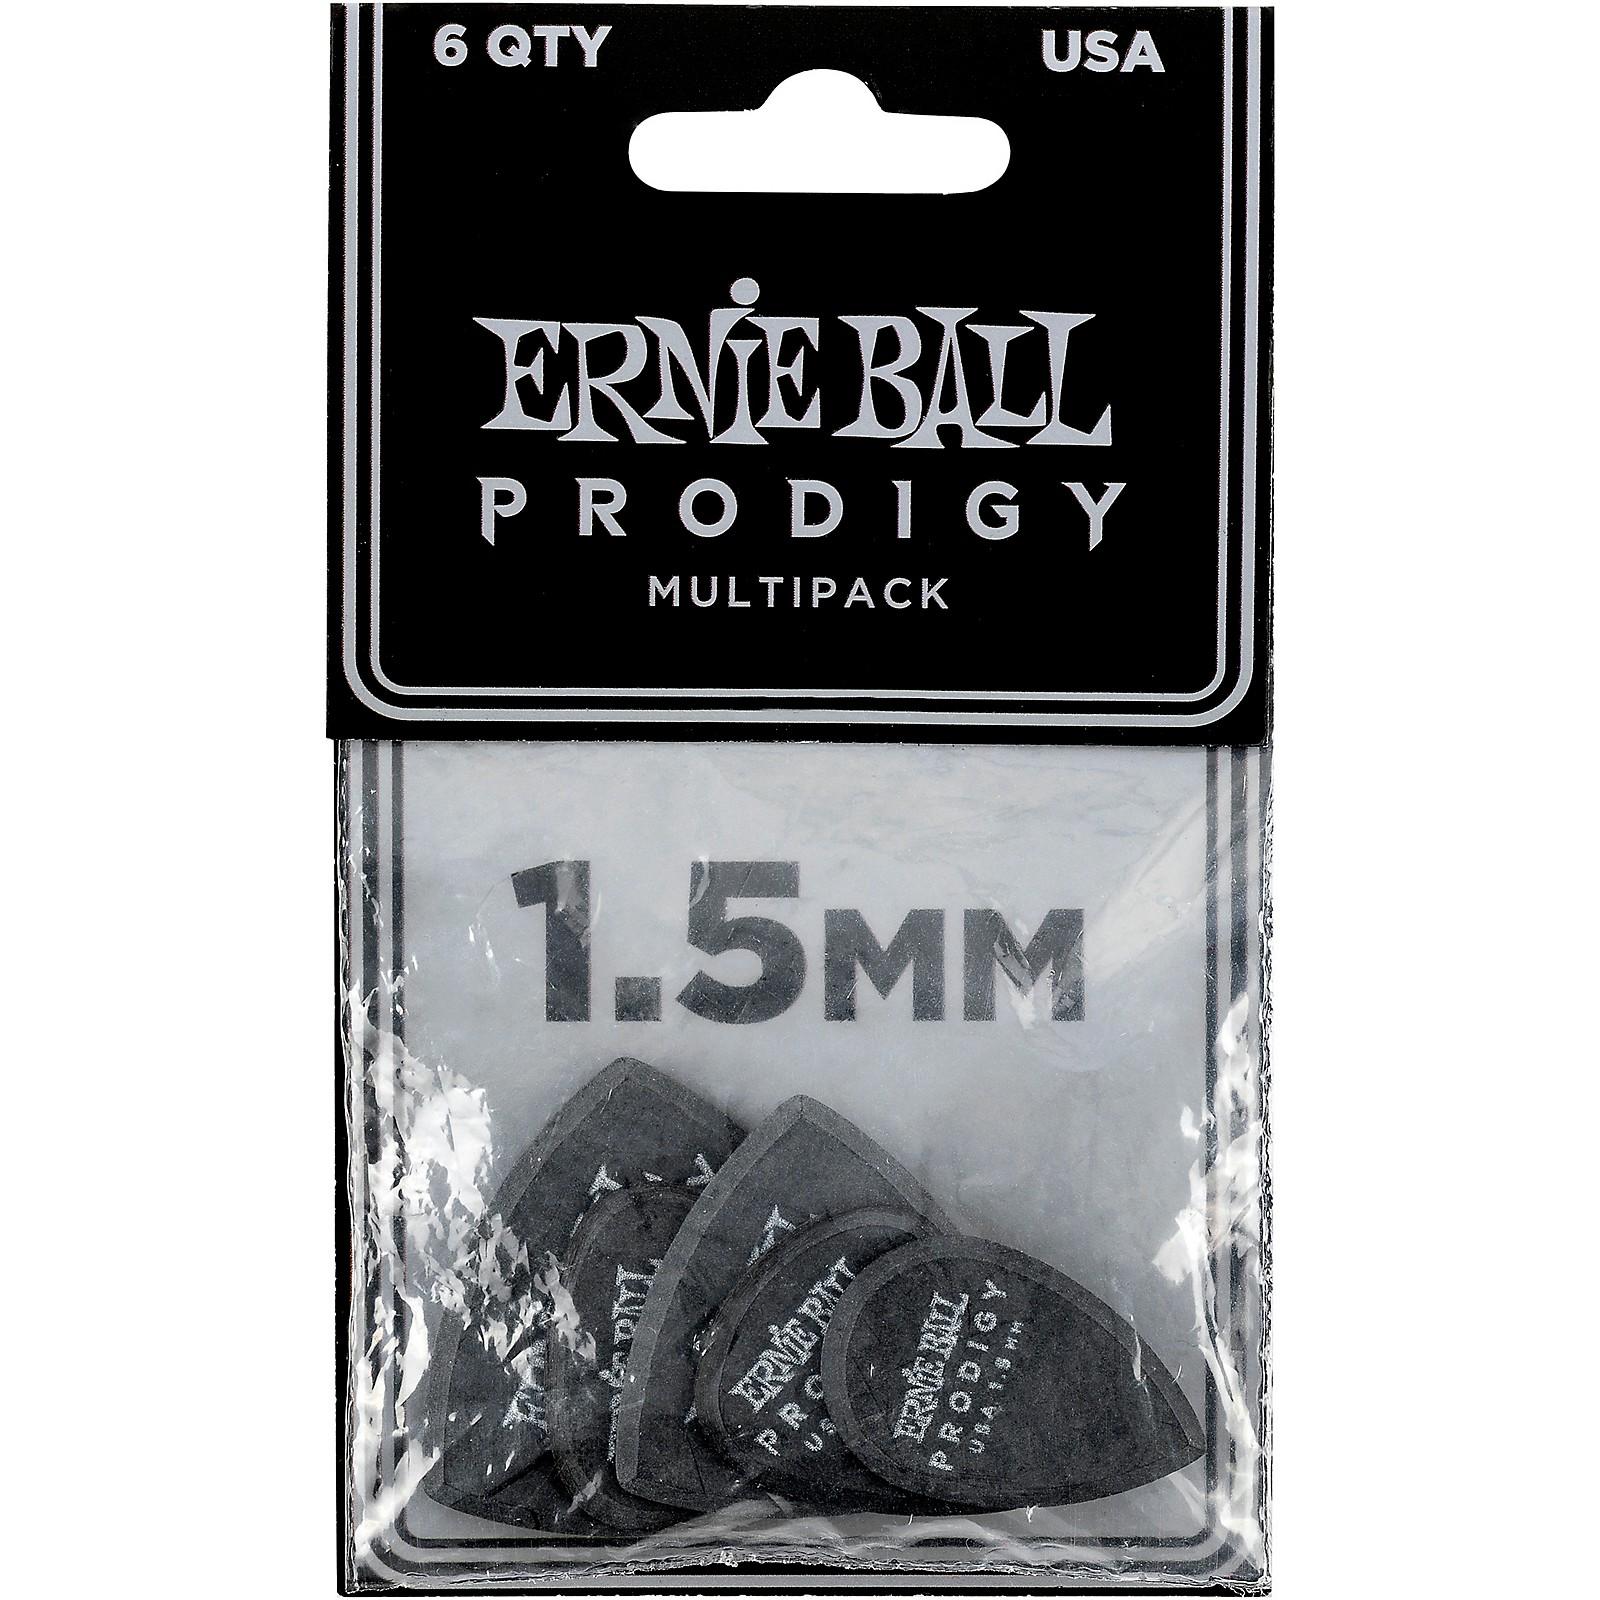 Ernie Ball Prodigy Multipack